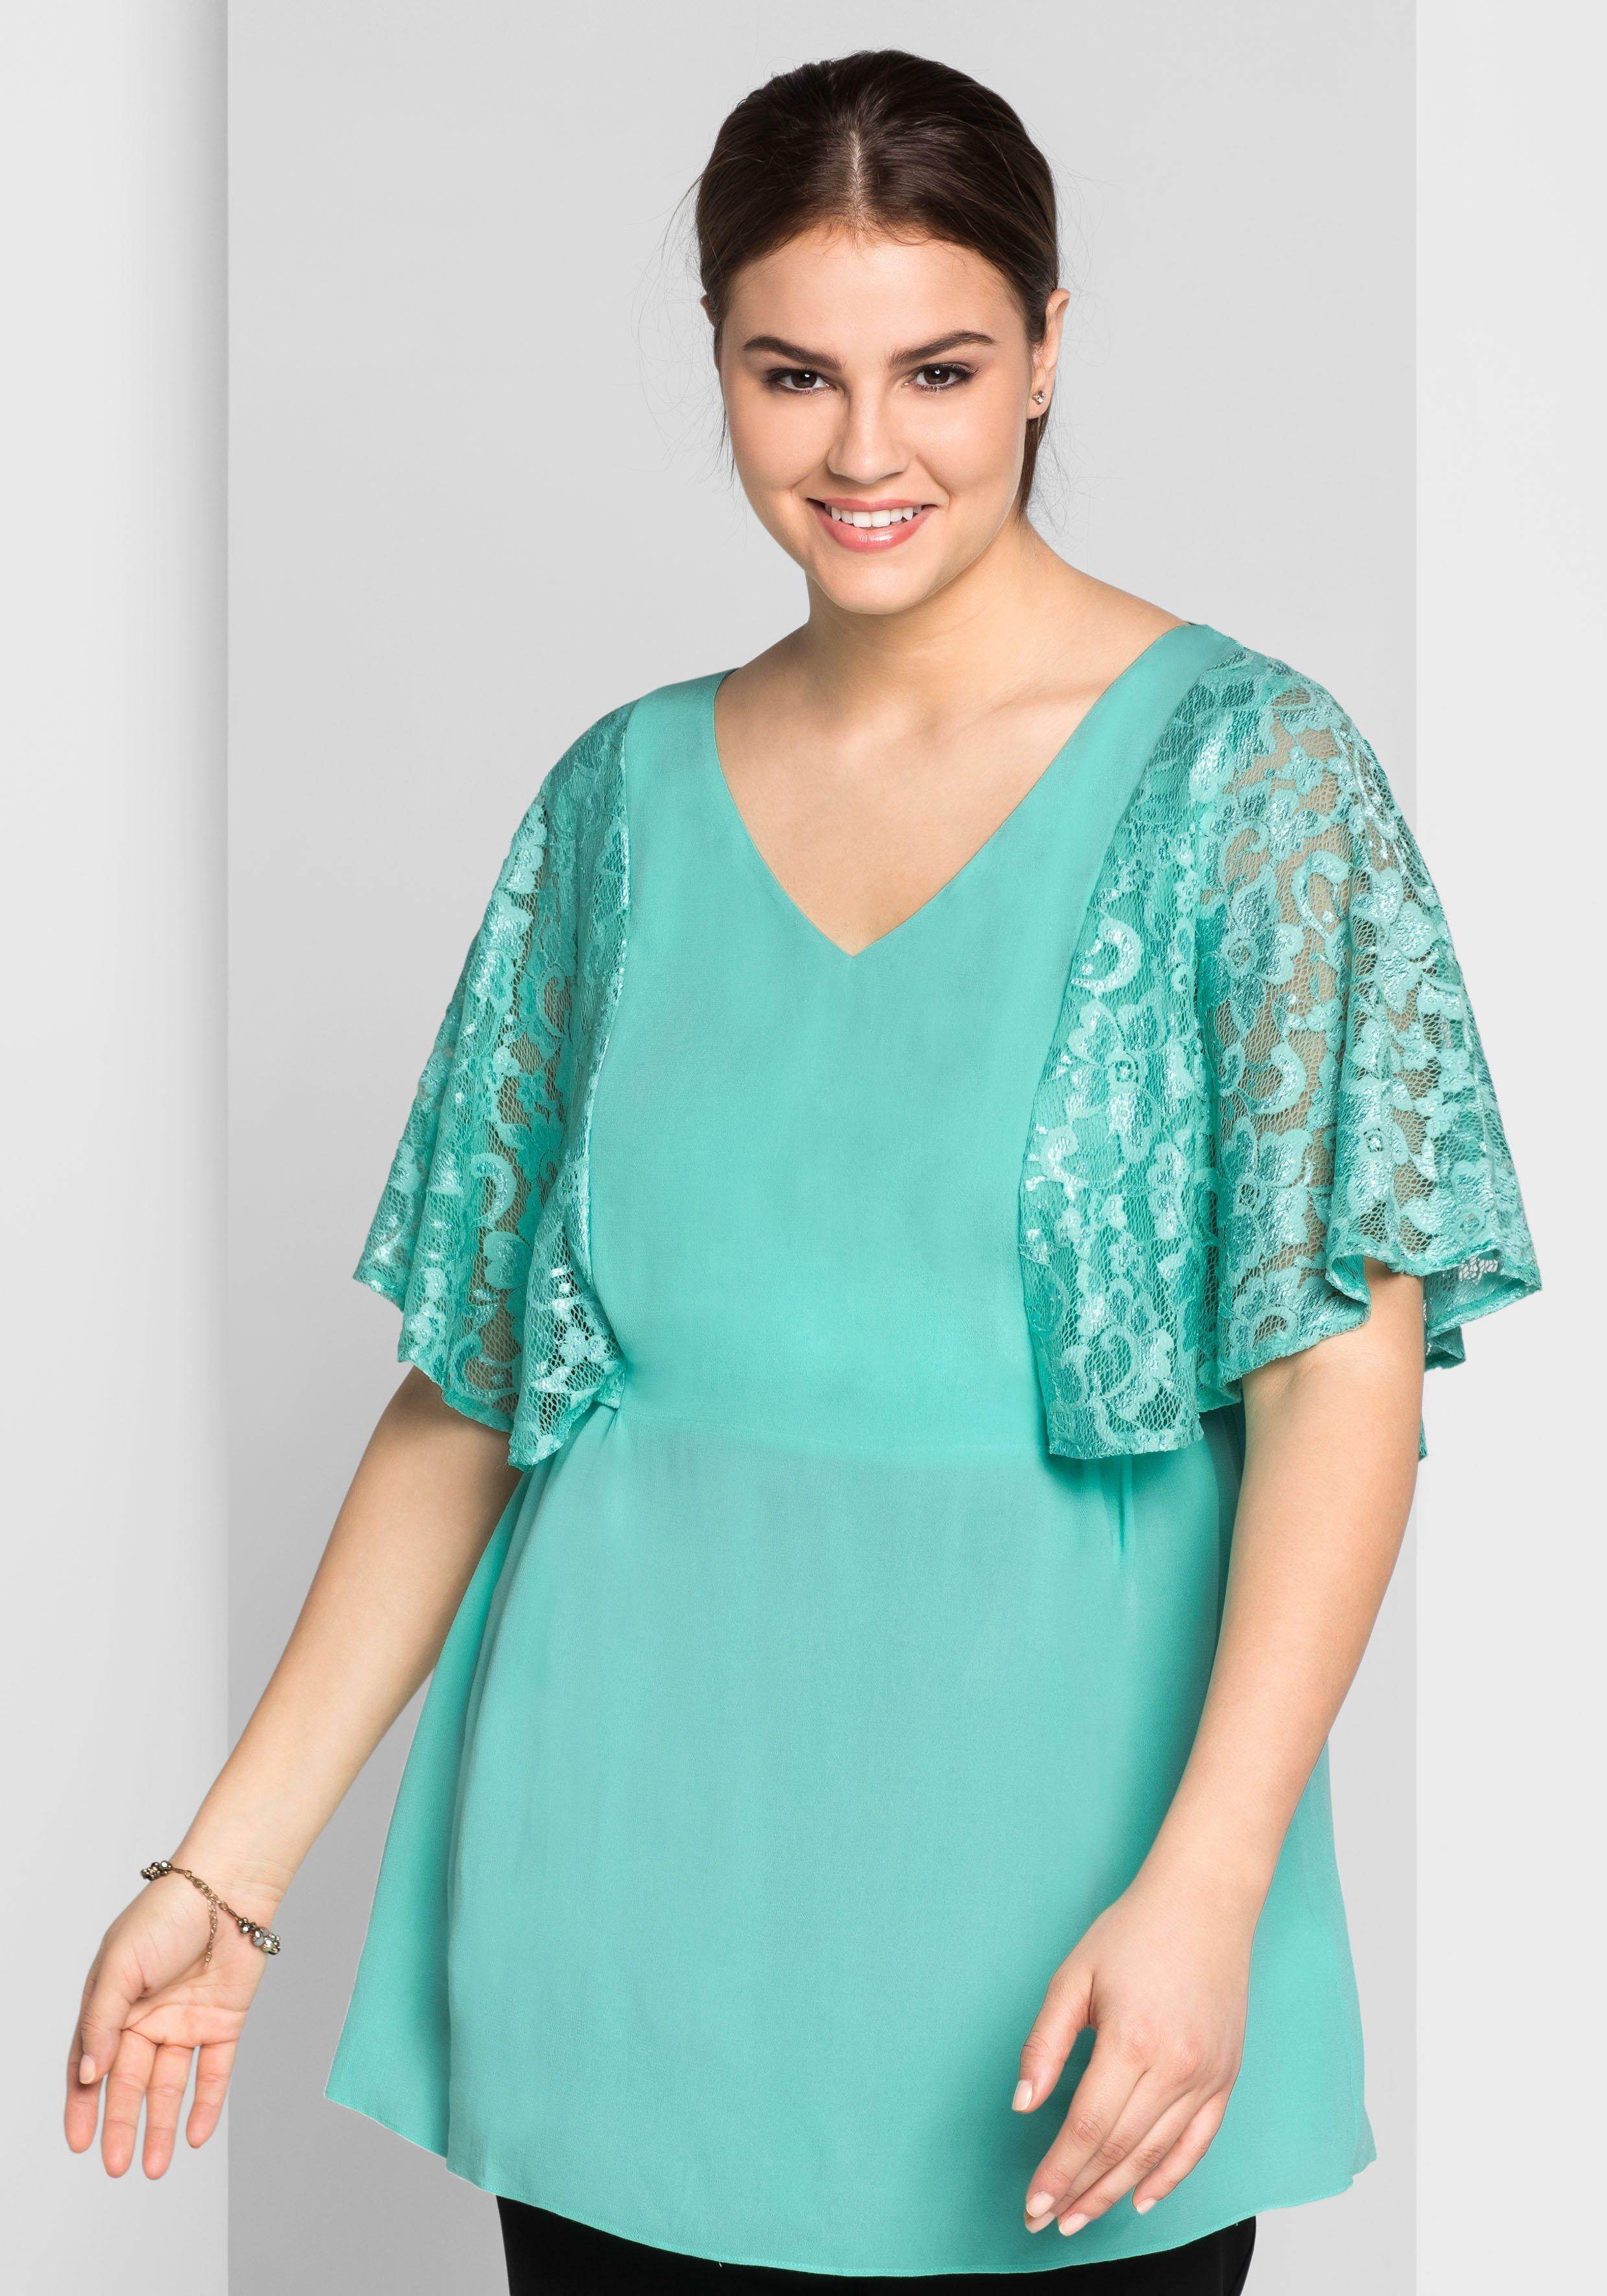 sheego Style Tunika mit dekorativem Rückenausschnitt | Bekleidung > Tuniken > Sonstige Tuniken | sheego Style